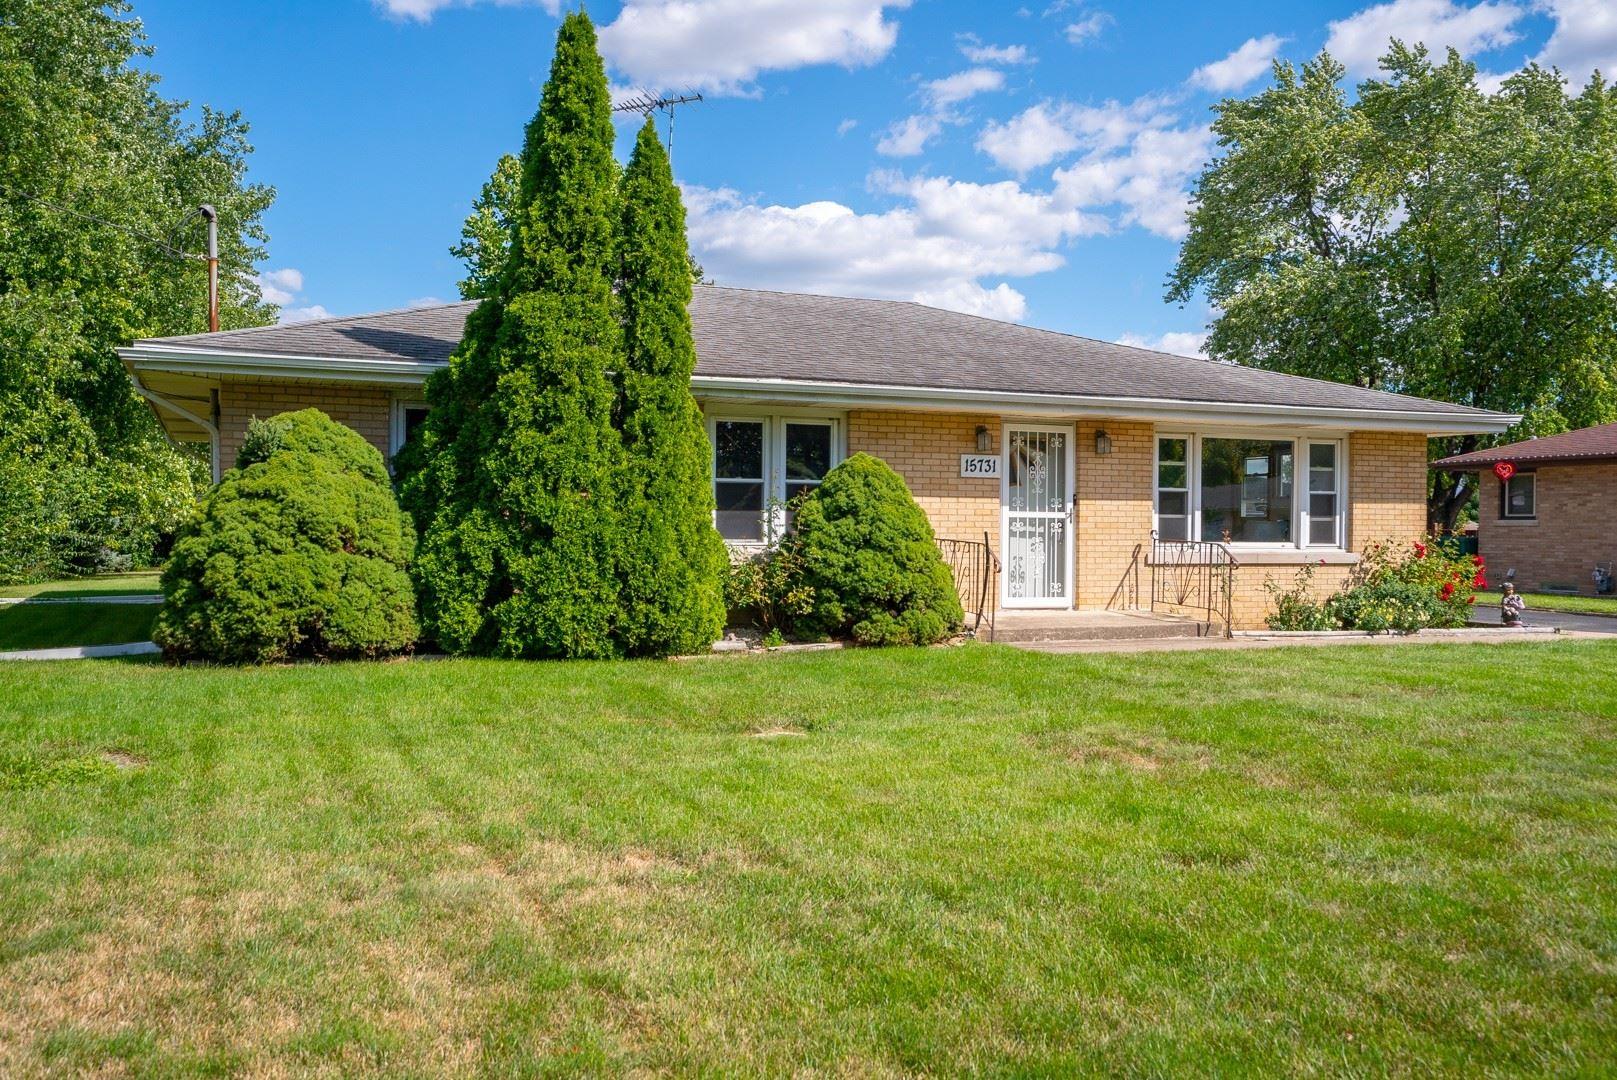 15731 S Frederick Avenue, Plainfield, IL 60544 - #: 11214890